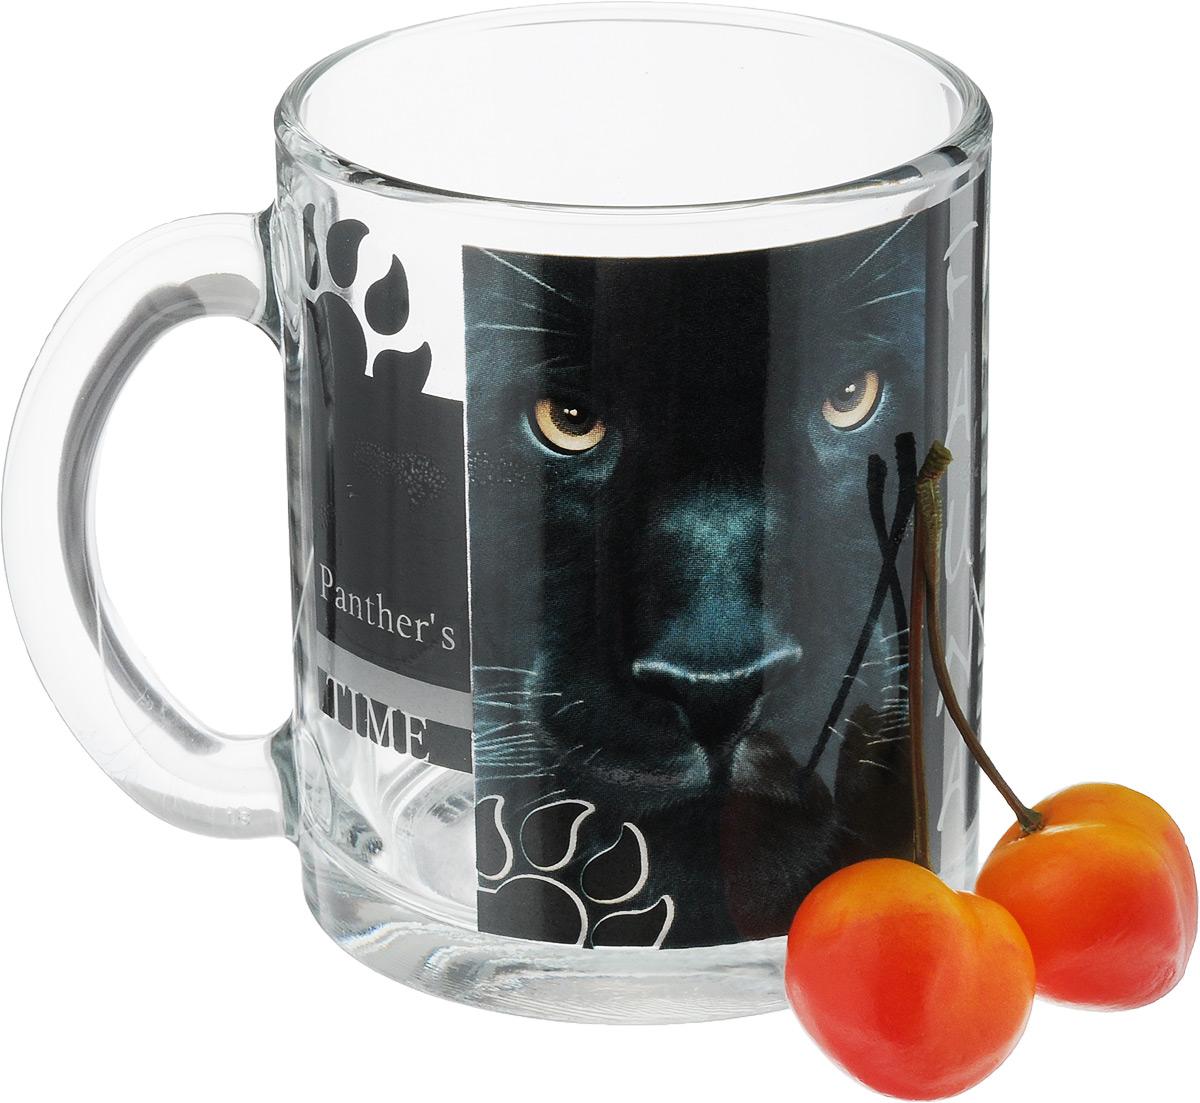 Кружка OSZ Дикие кошки. Пантера, 320 мл04C1208-DKK_ПантераКружка OSZ Дикие кошки. Пантера изготовлена из стекла и декорирована принтом. Диаметр (по верхнему краю): 8 см. Высота: 9,5 см. Объем: 320 мл.